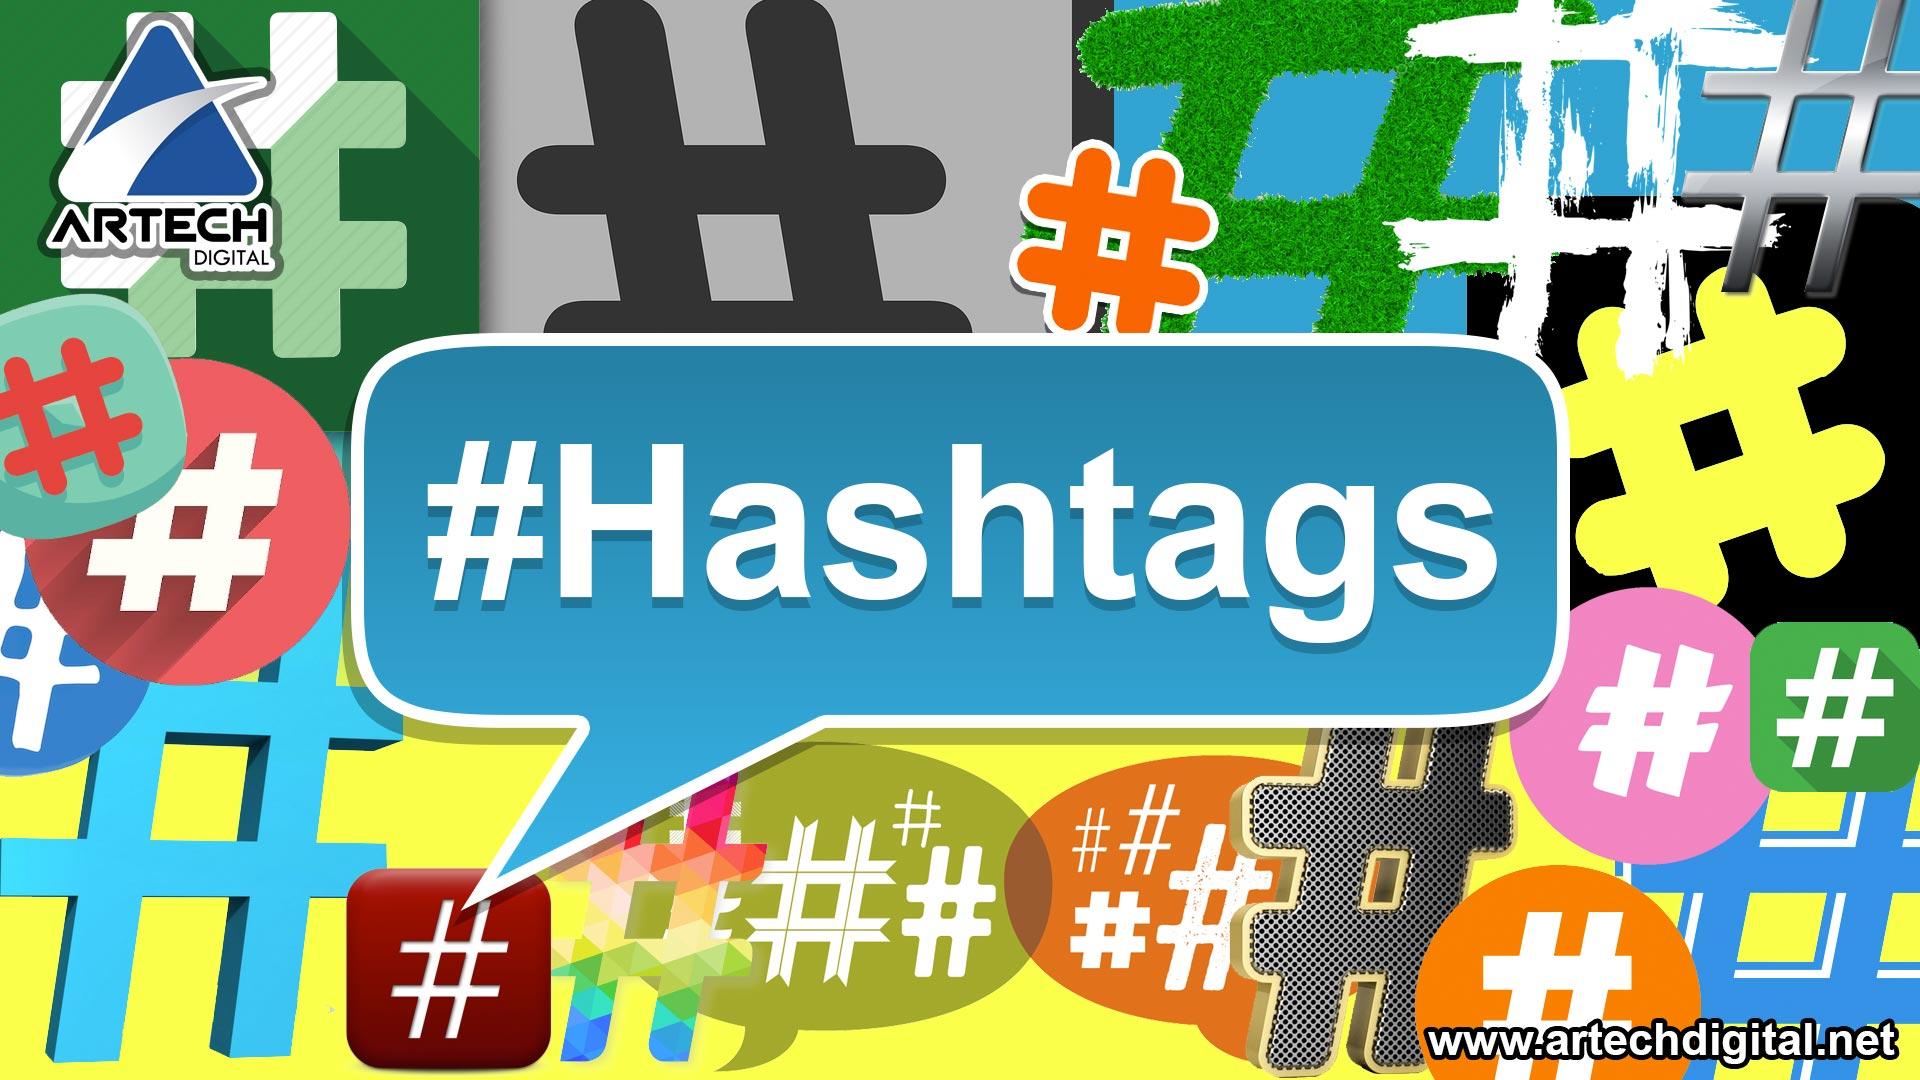 Los Hashtags se convirtieron en una herramienta de comunicación